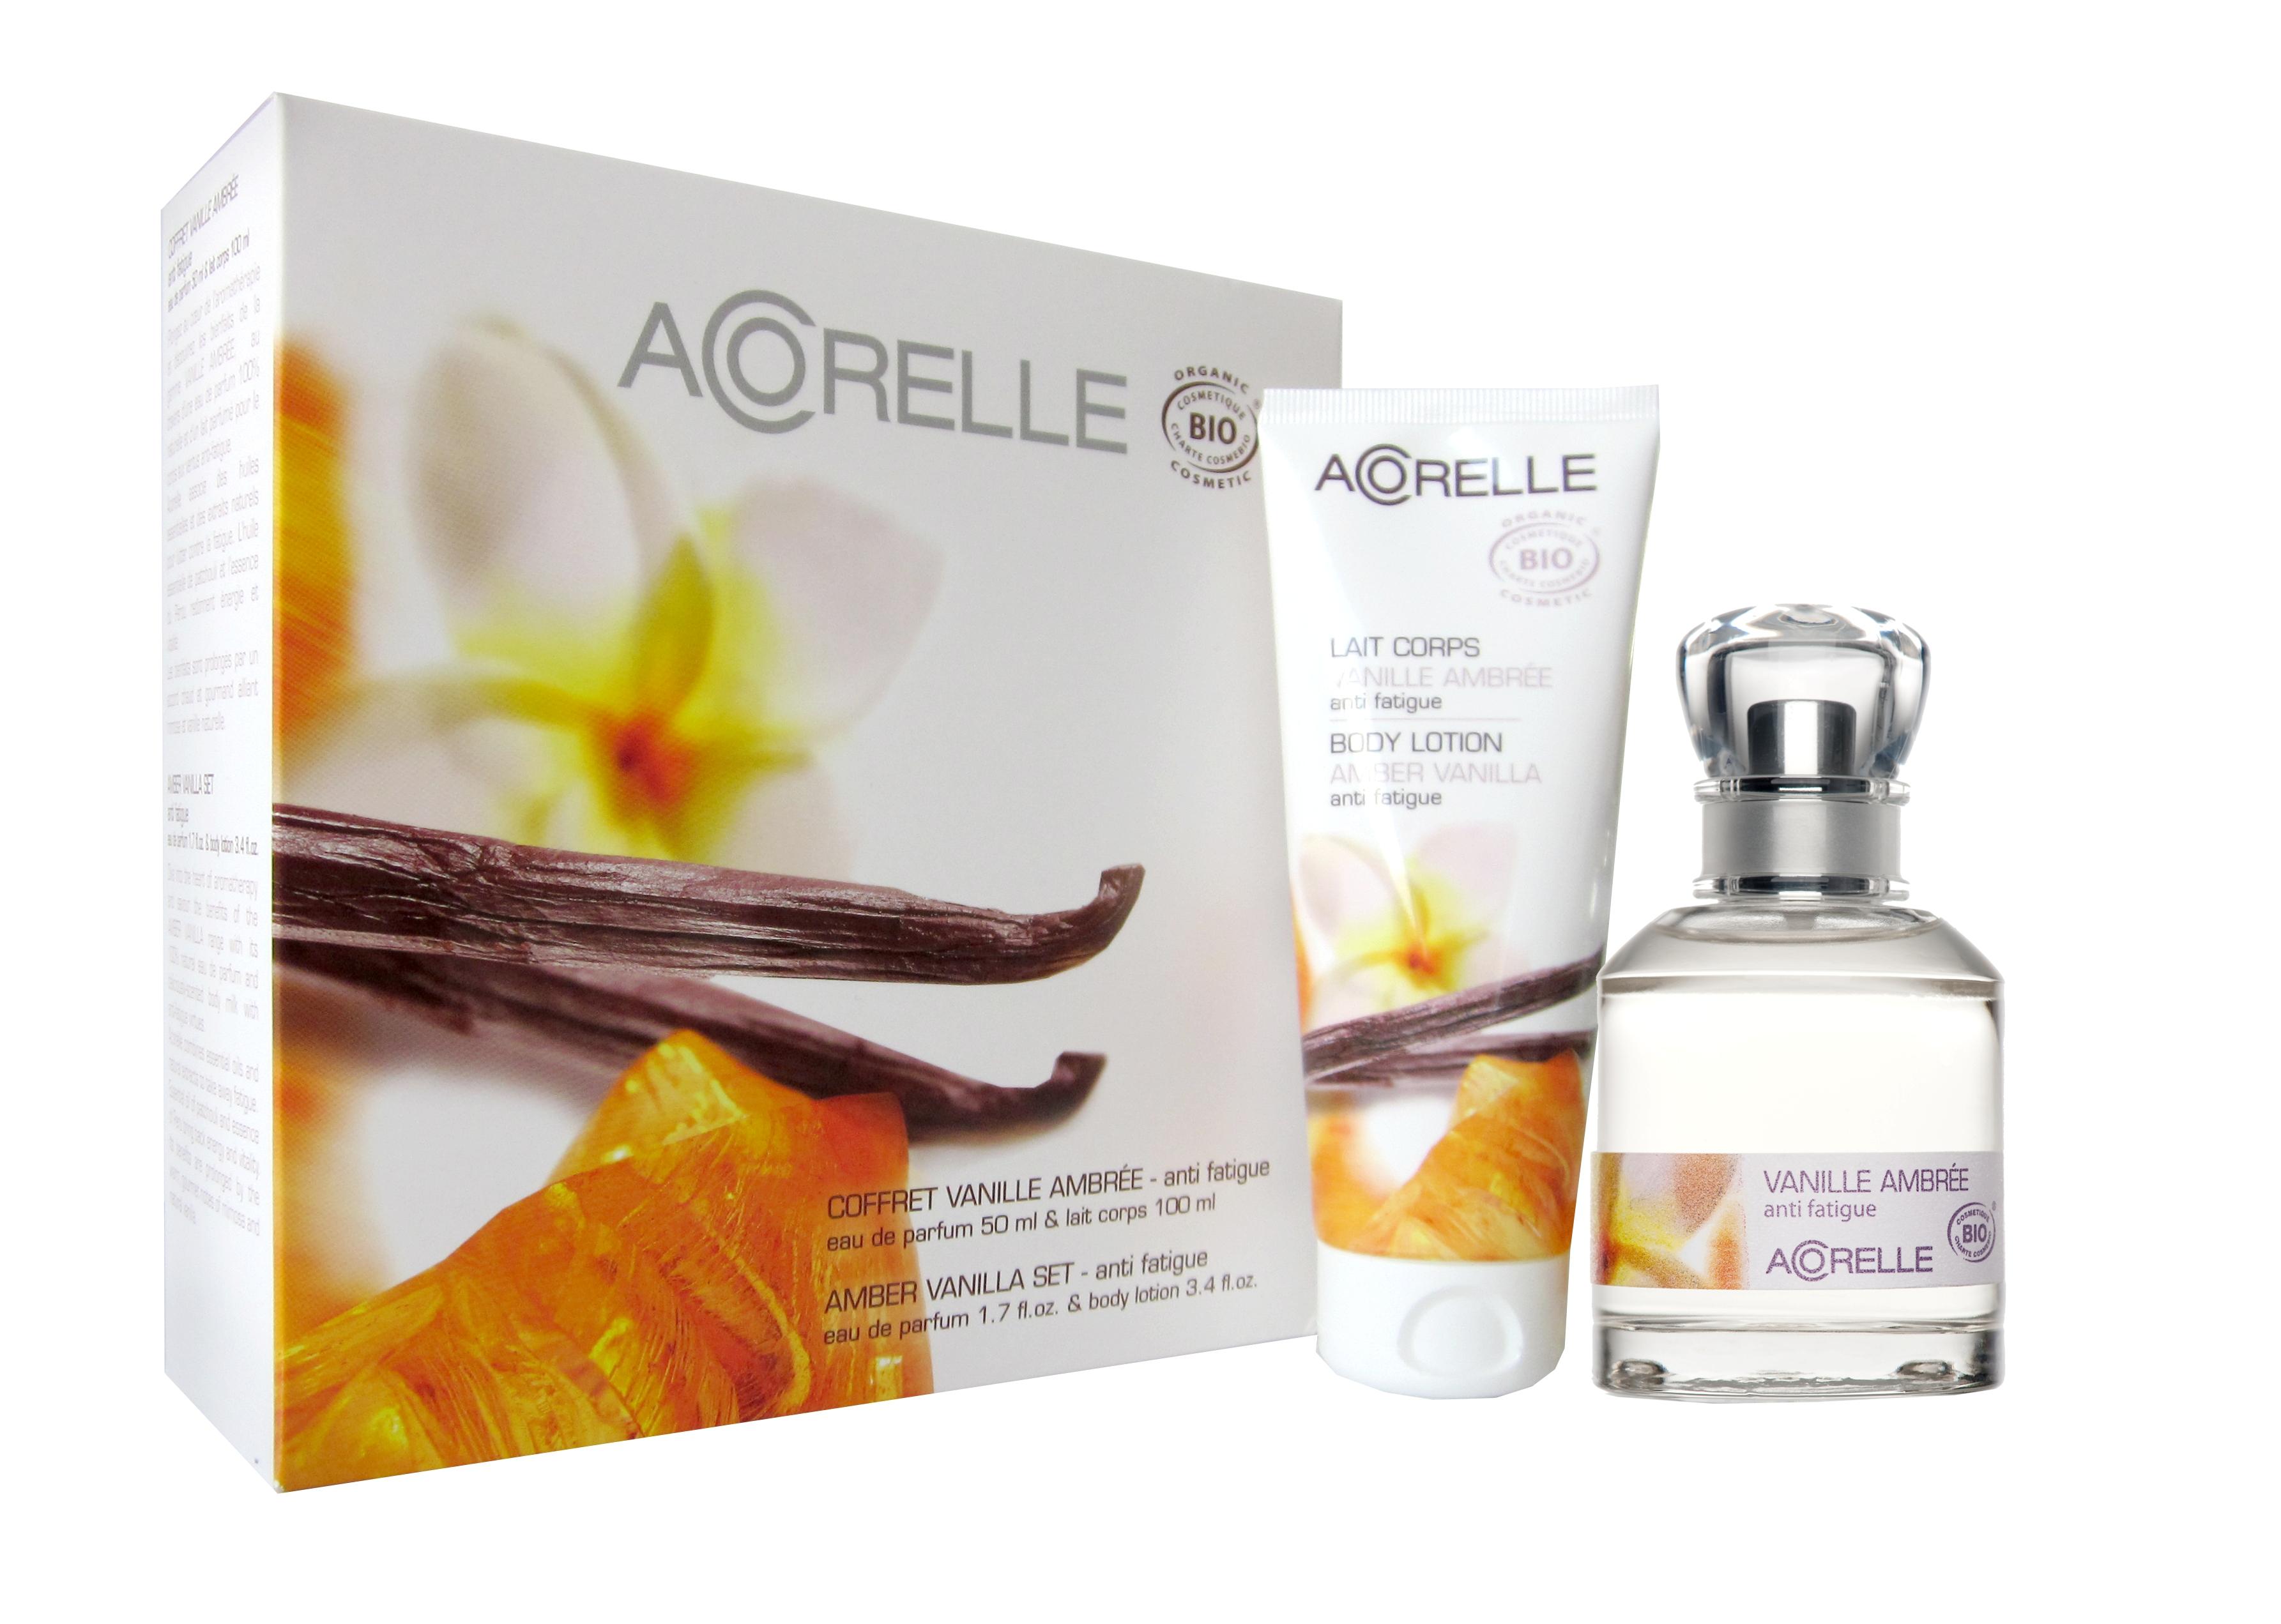 Økologisk parfyme og body milk med duft av vanilje fra Acorelle